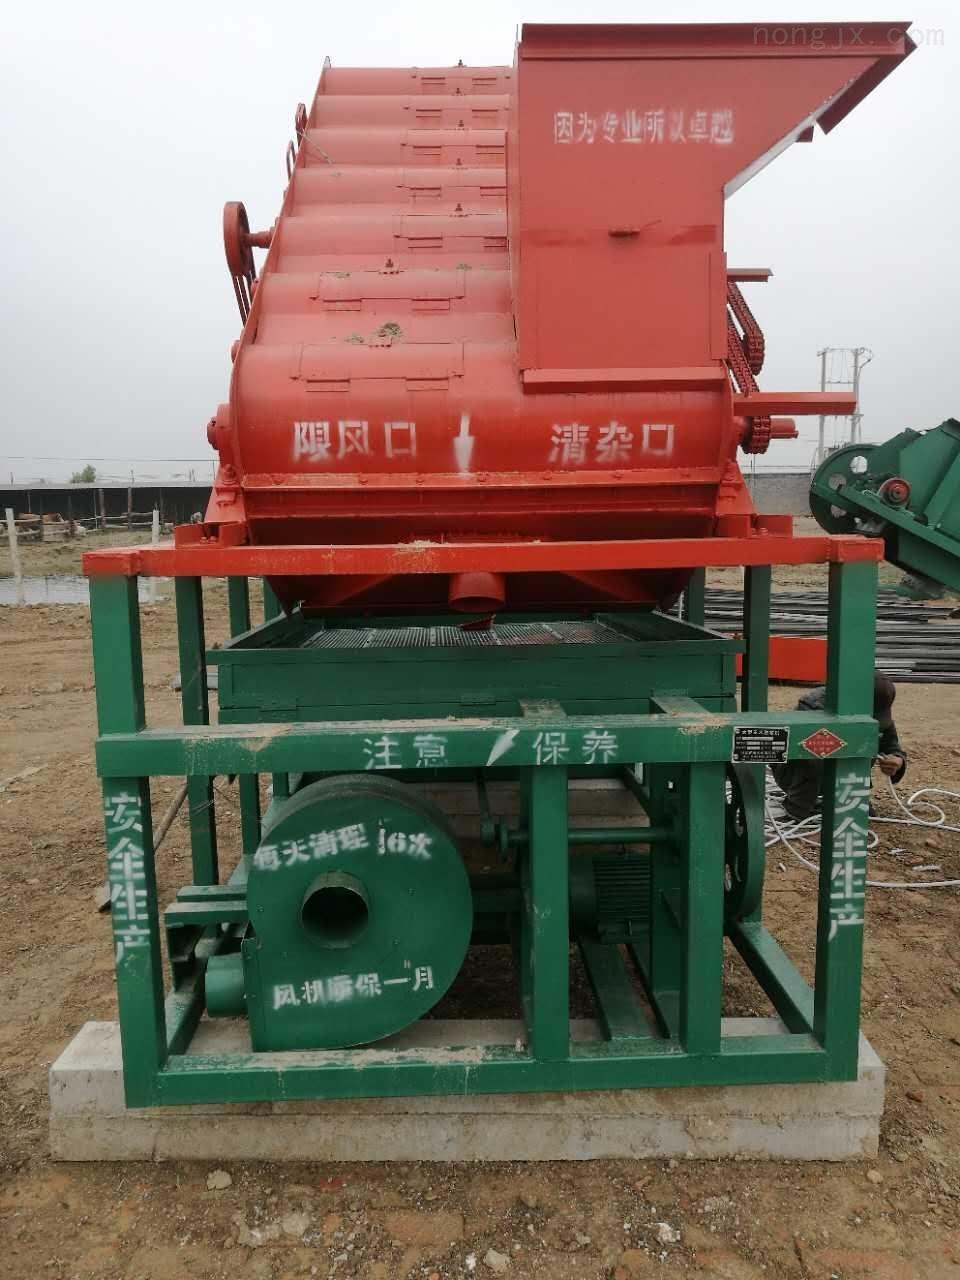 大型玉米专用脱粒机A鑫龙粮食机械规格大全